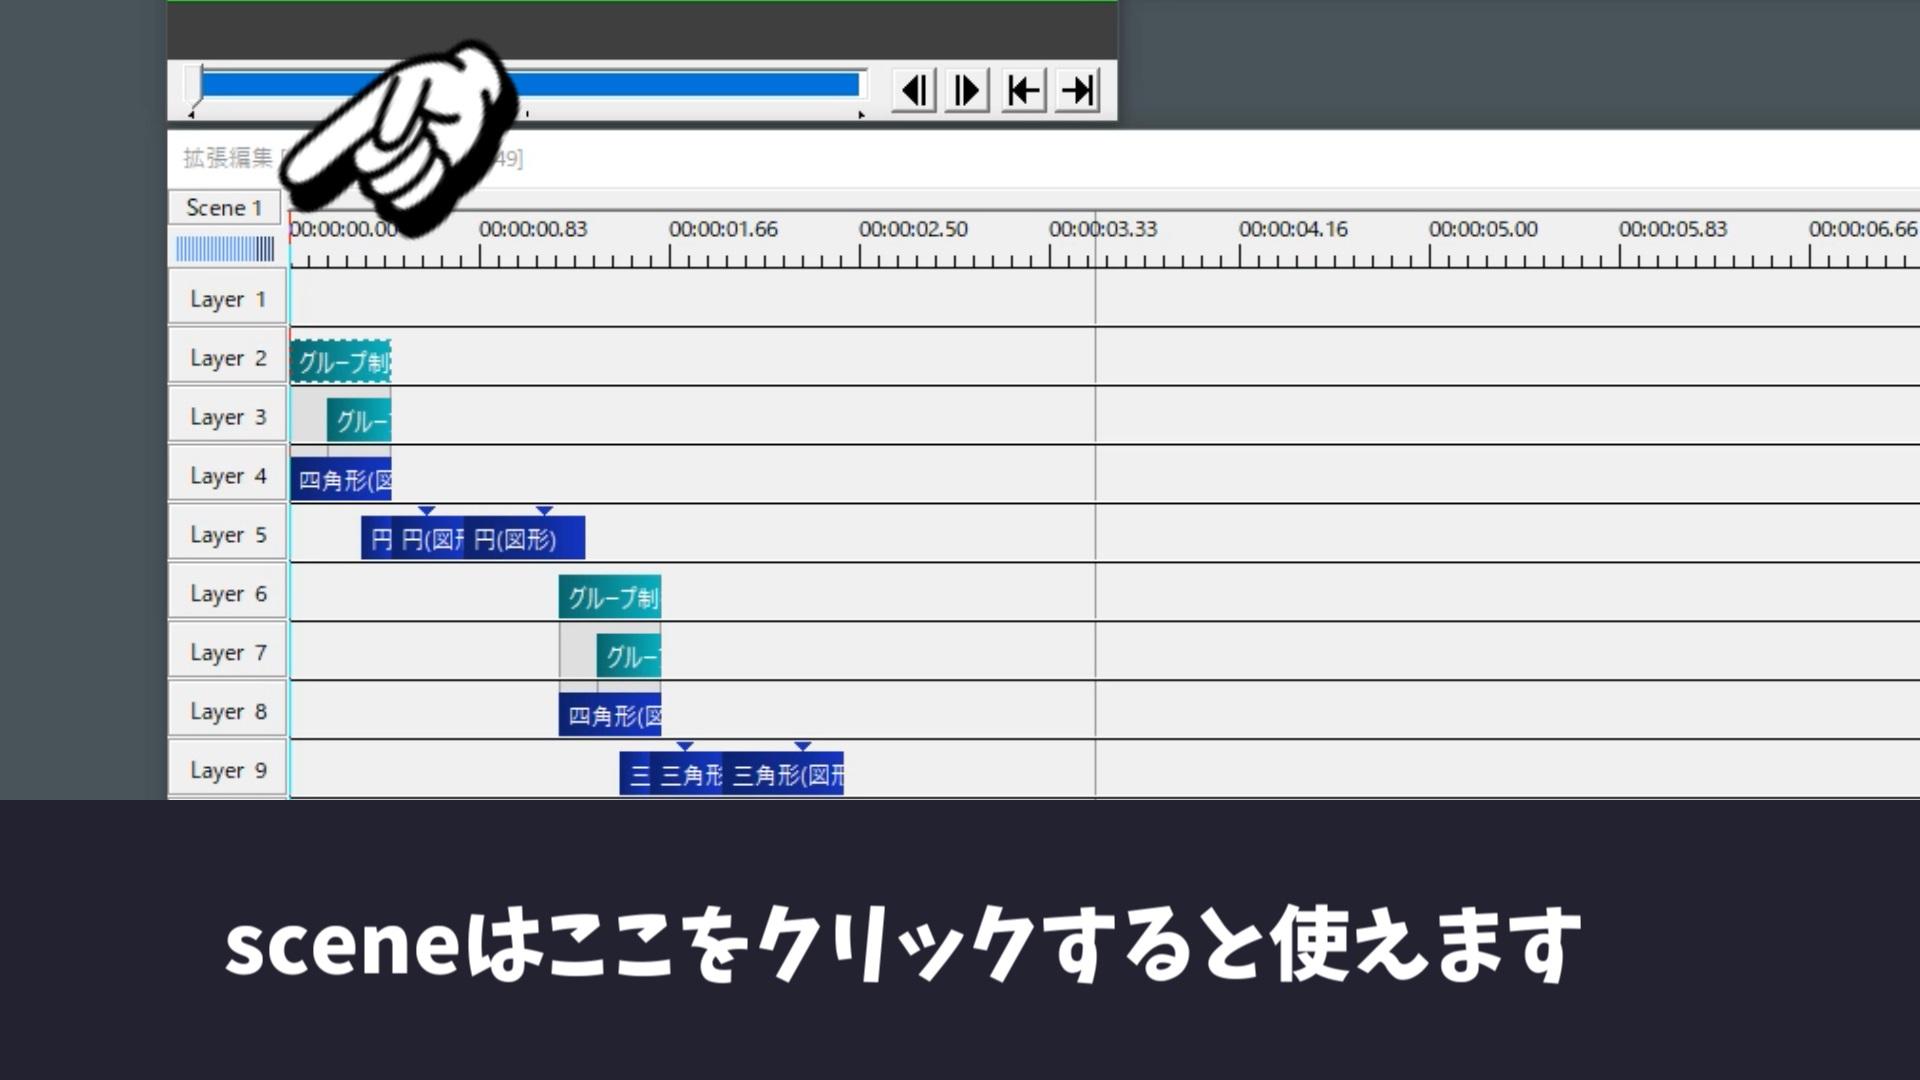 Sceneはタイムライン左上の「root」ボタンを押すと使用できます。上記写真では「Scene1」と表示されている部分です。